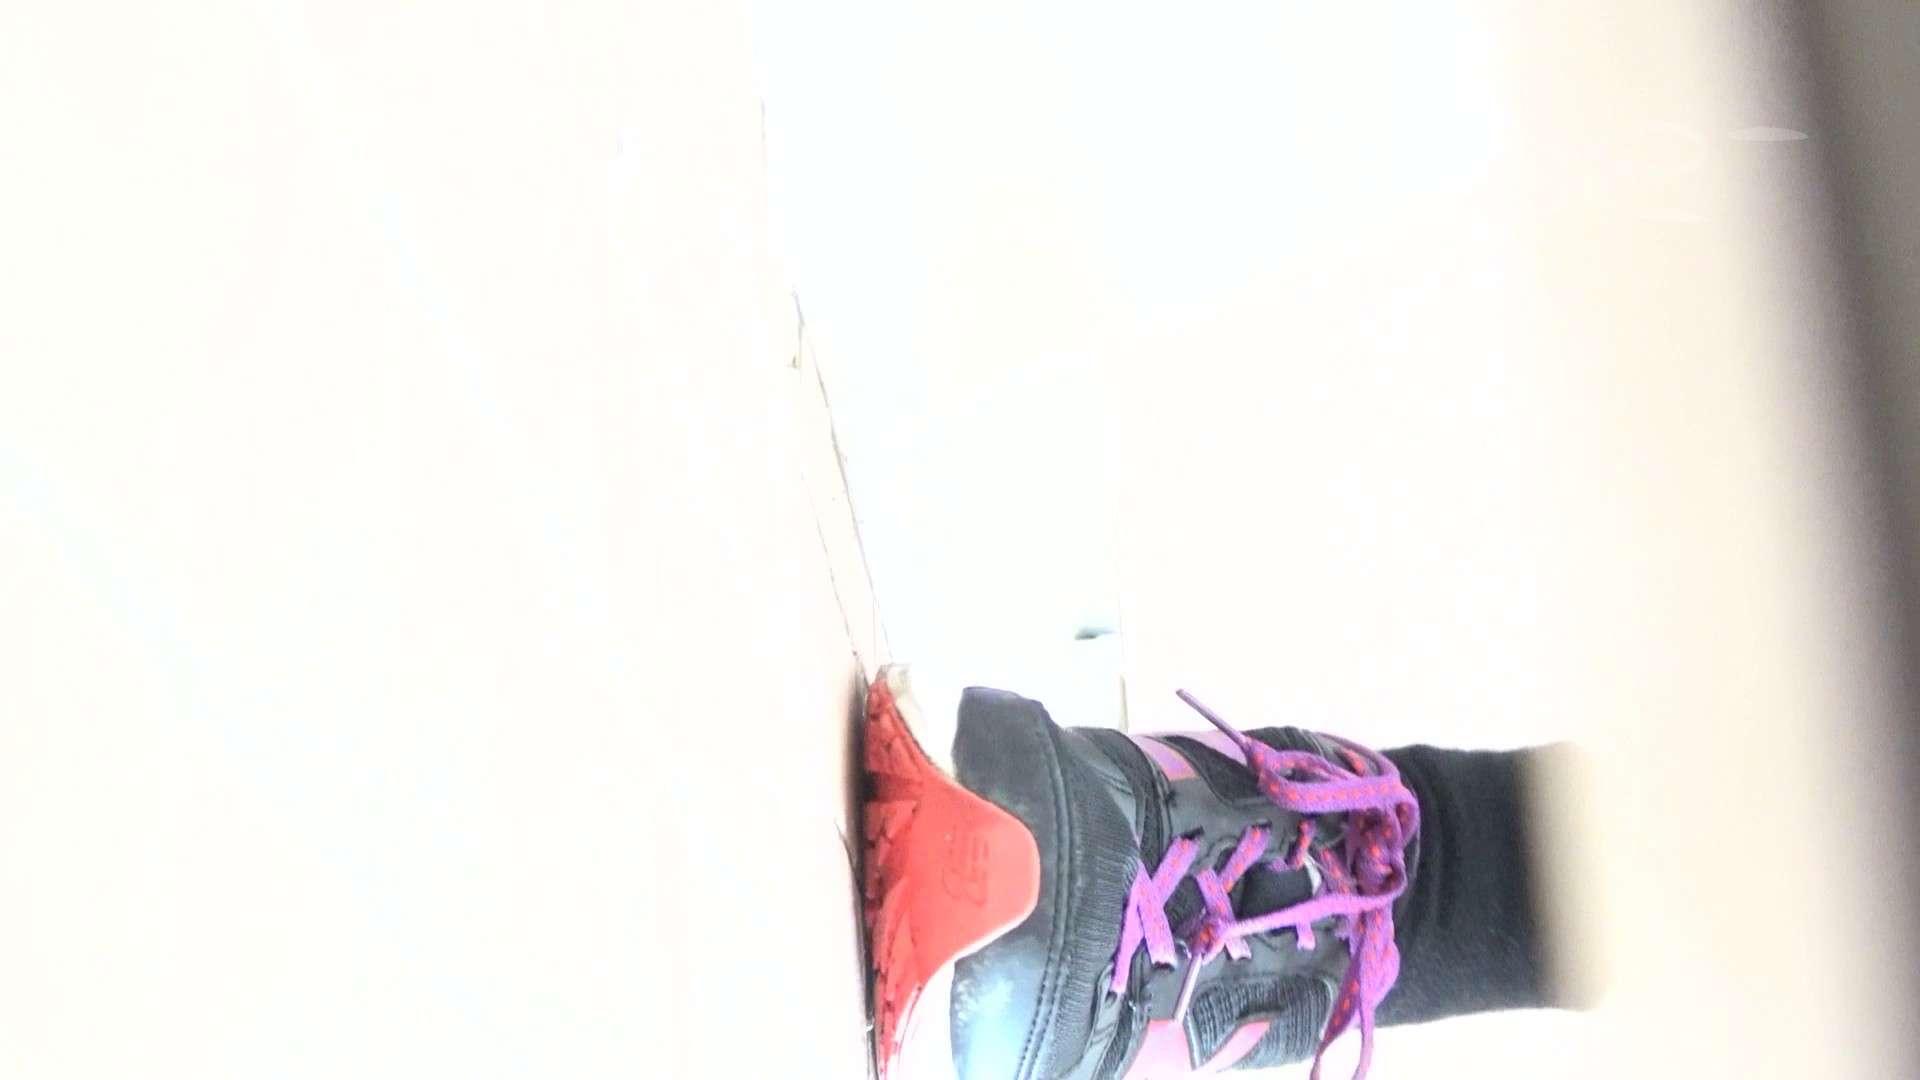 ヤリマンのオマンコ:▲期間限定D▲至高洗面所盗撮 23 至高下方撮りちょいと2カメ!!:怪盗ジョーカー